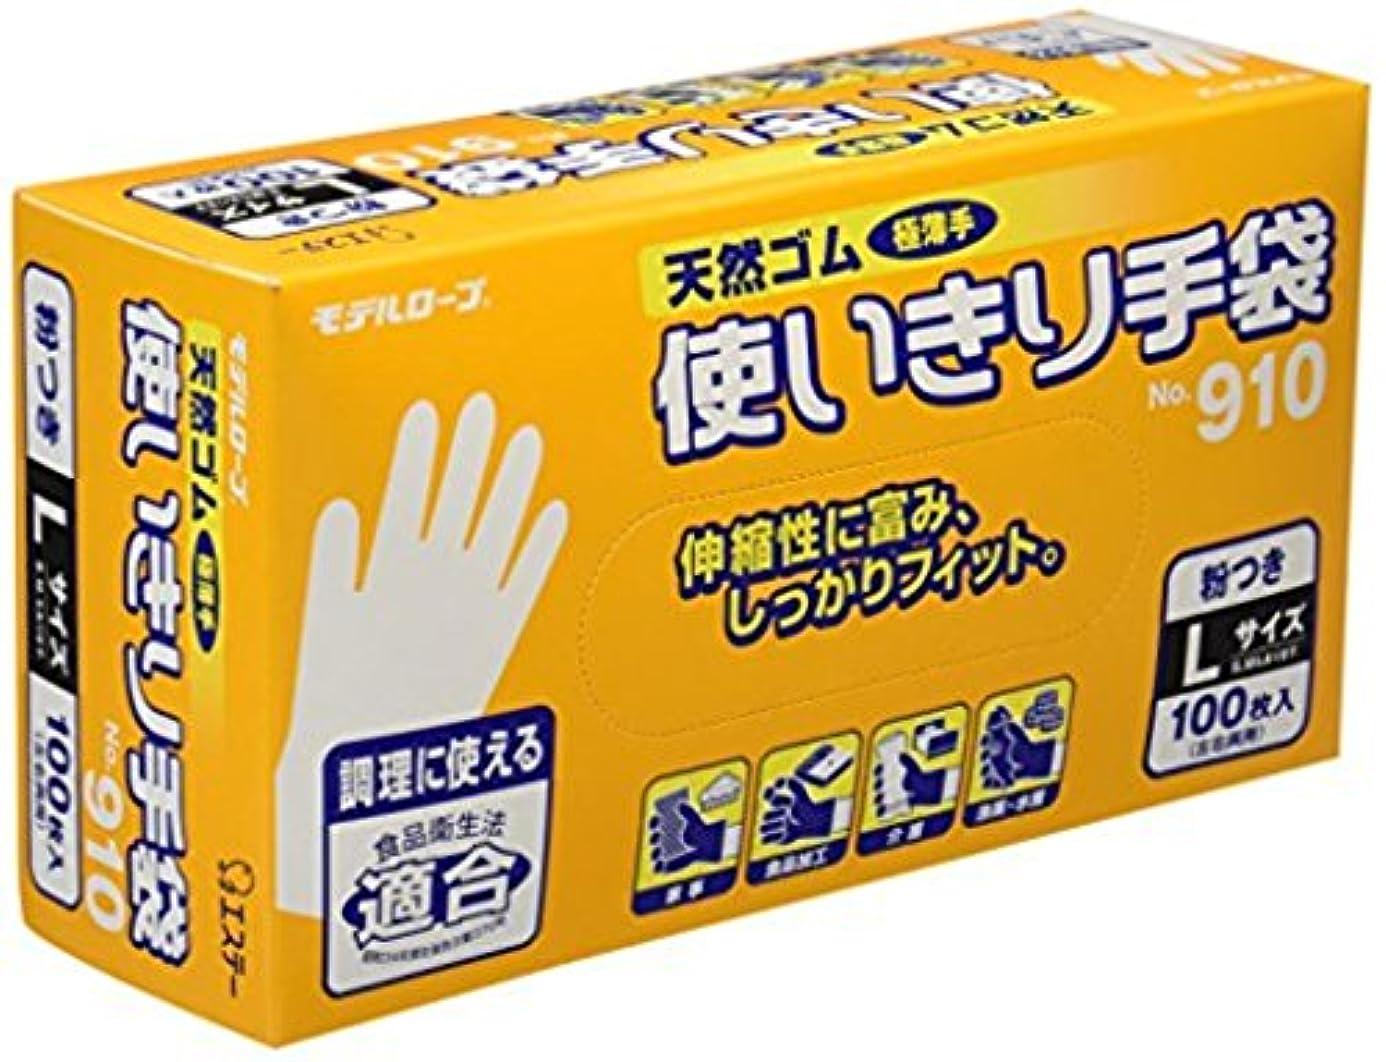 ピクニック贅沢な肥料(まとめ買い)エステー 天然ゴム使い切り手袋 No.910 L 【×3セット】